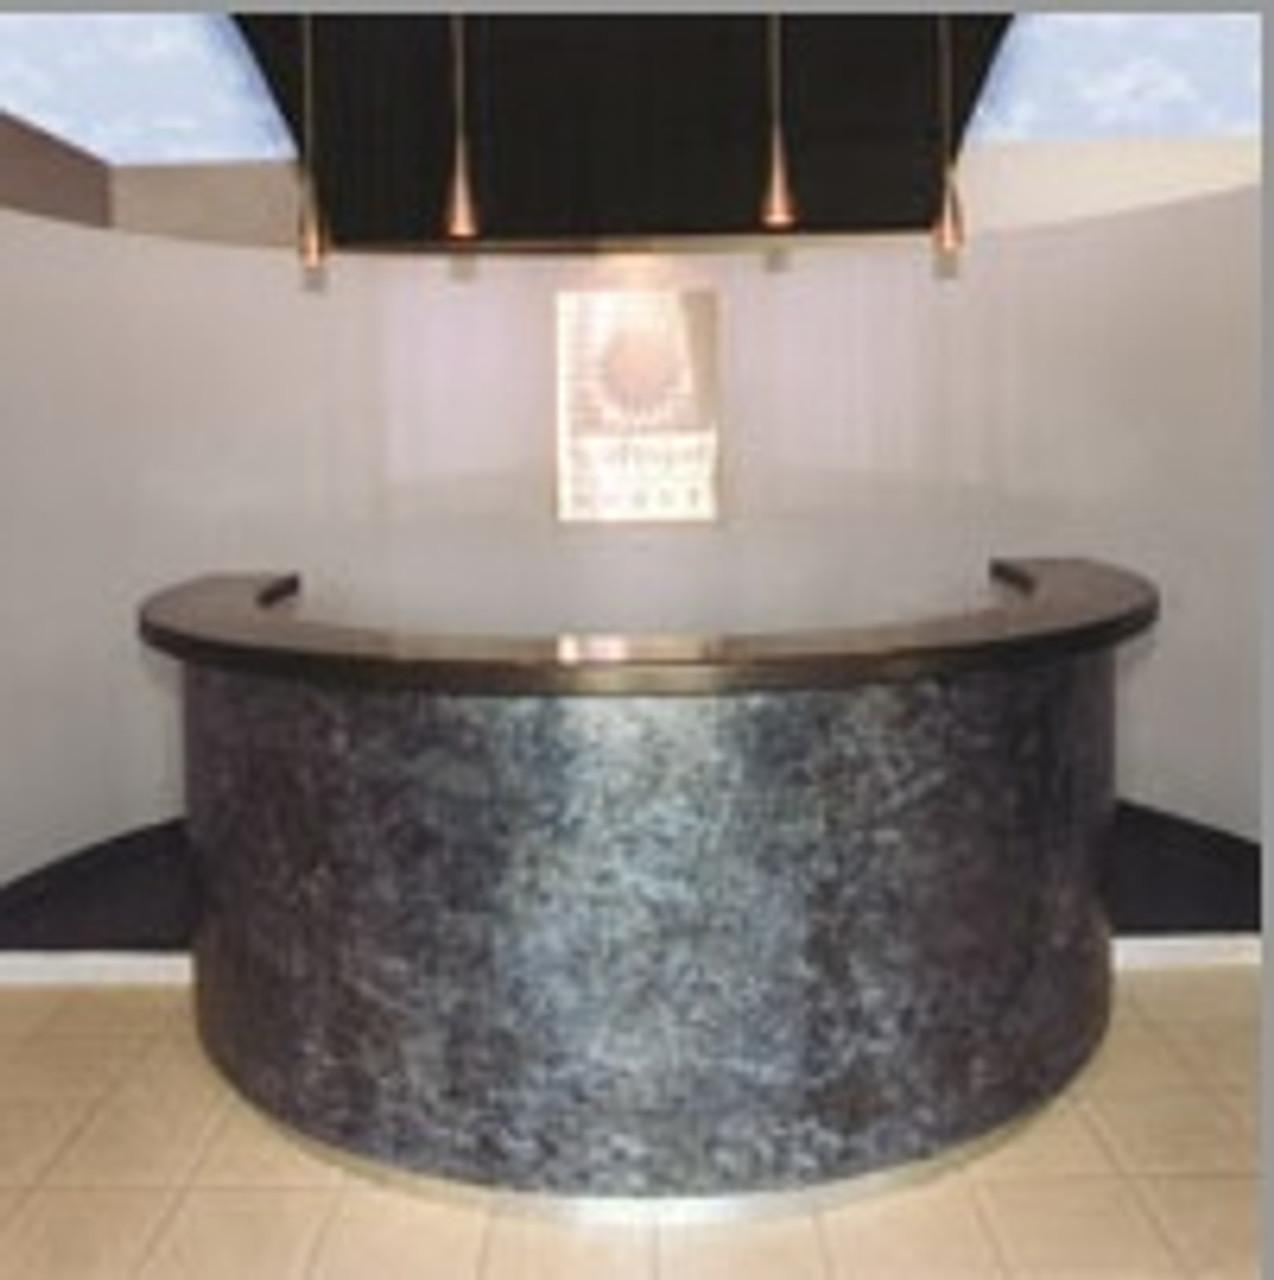 DuRock Pearls & Metals Basecoat BC 105 (Black)